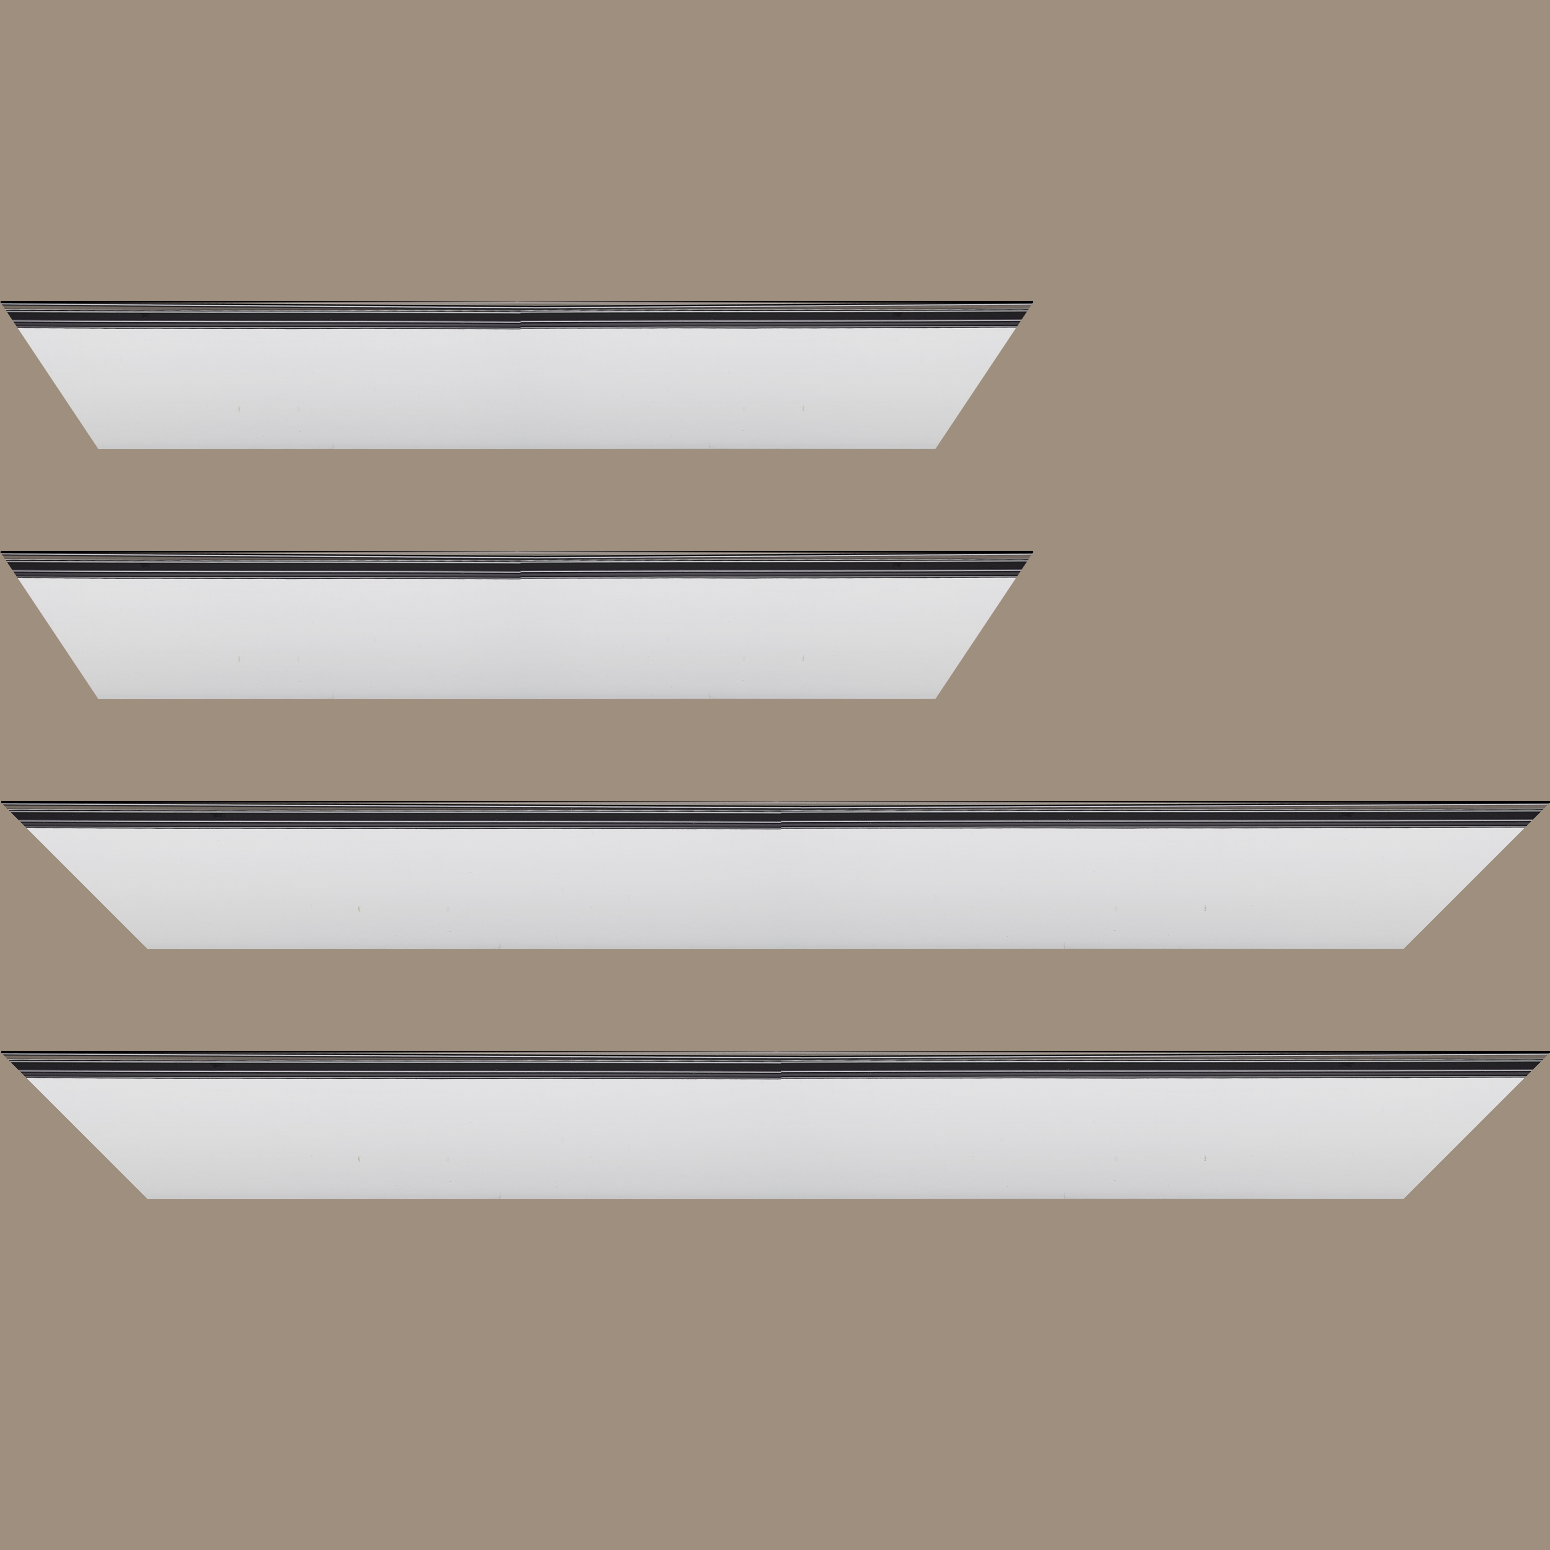 Baguette service précoupé Bois profil en pente méplat largeur 4.8cm couleur blanc mat surligné par une gorge extérieure noire : originalité et élégance assurée